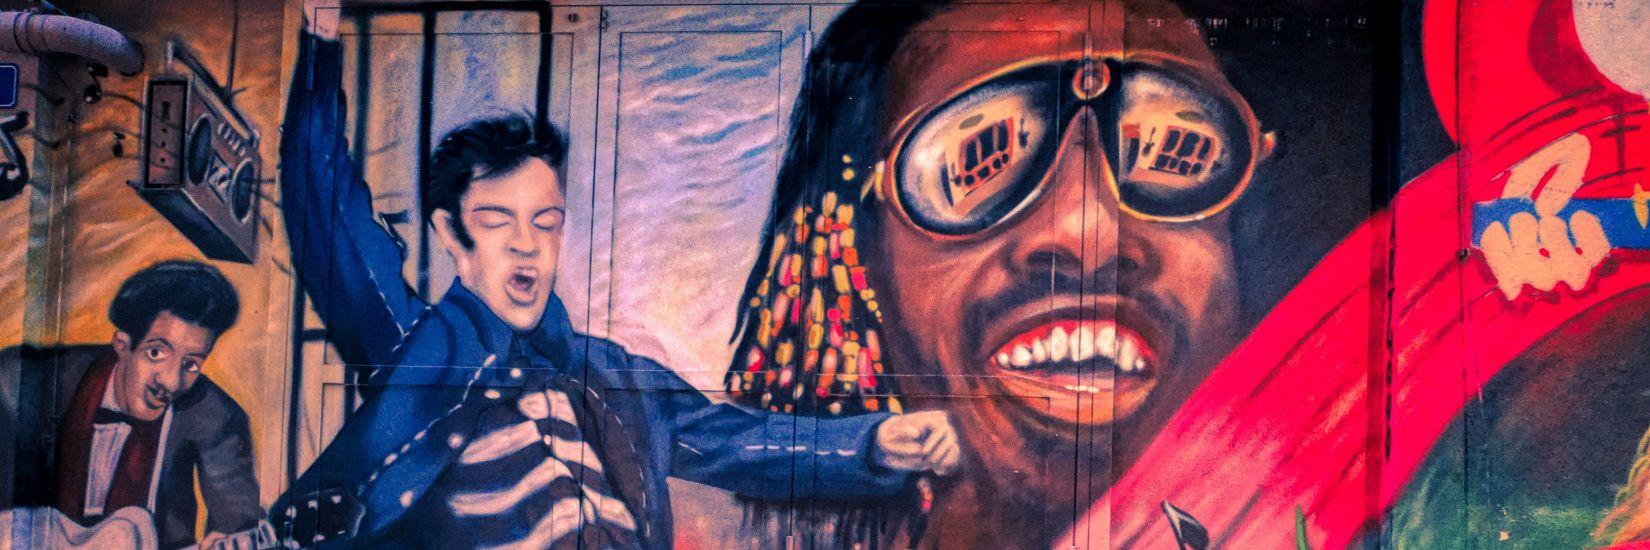 mural-5992670